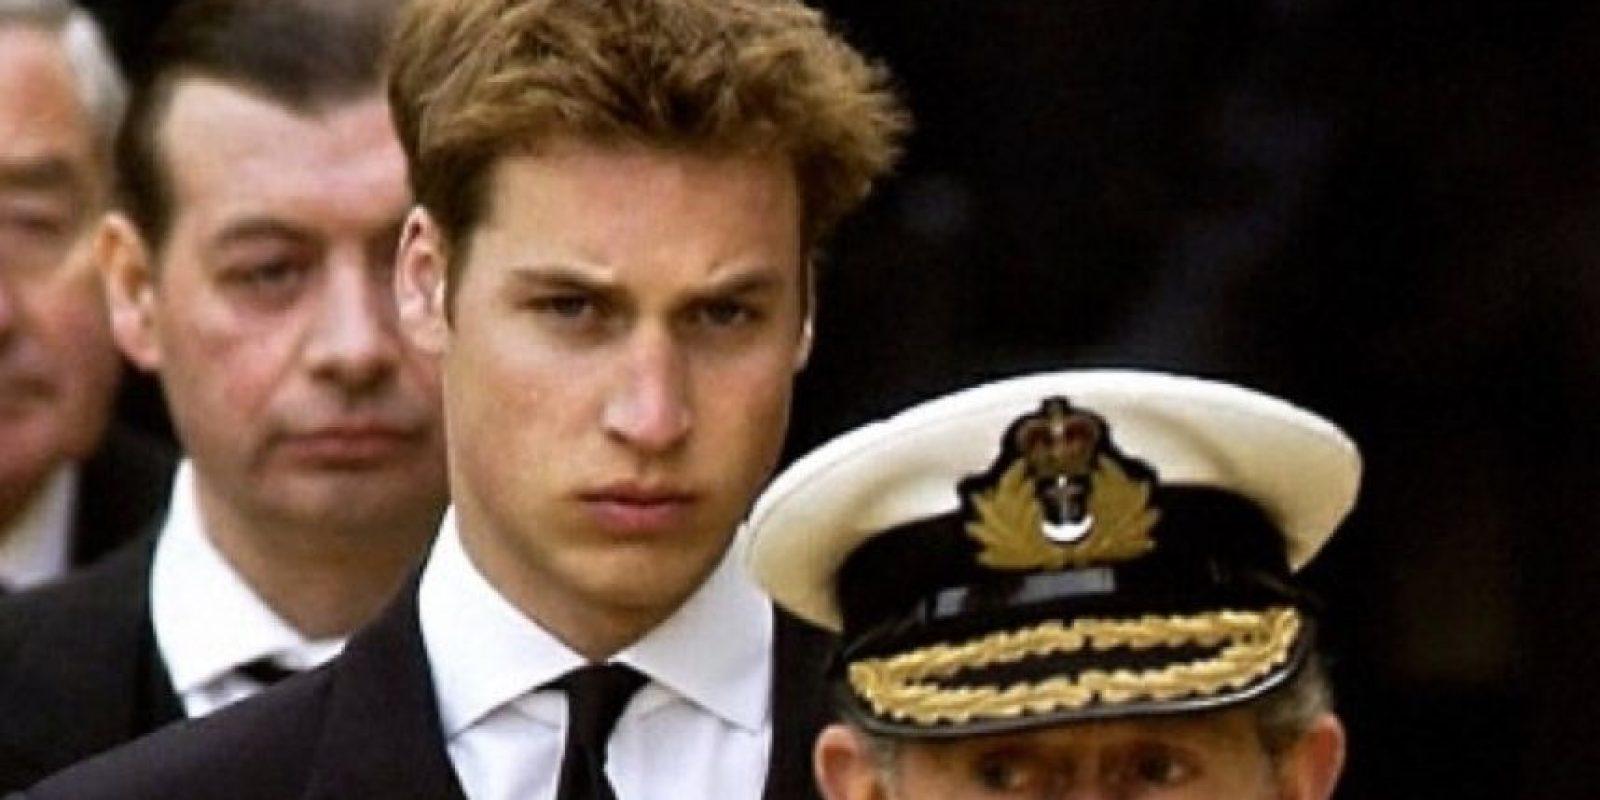 El príncipe William, para el año 2000, hacía suspirar a cualquier niñita latinoamericana de 13 años para arriba. Foto:vía Getty Images